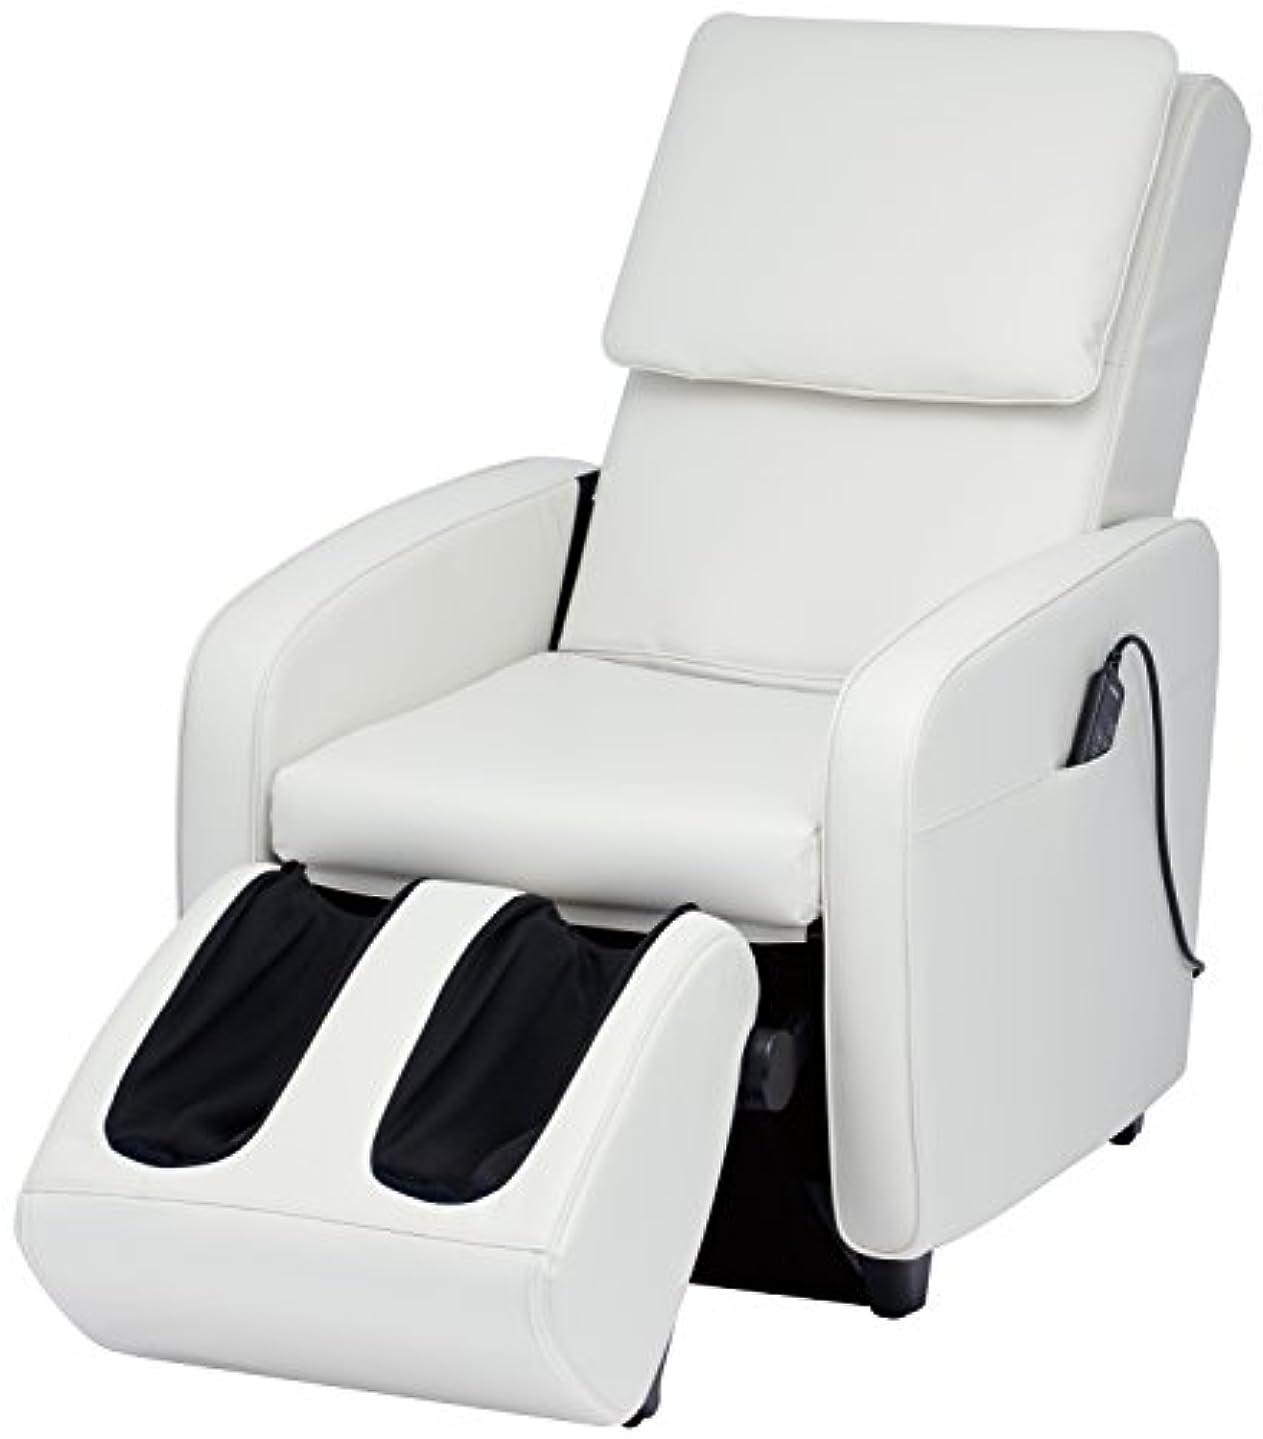 贅沢居住者設計スライヴ マッサージチェア くつろぎ指定席 【SFIT エスフィット】 「つかみもみ機能搭載」 ホワイト CHD-7401(W)